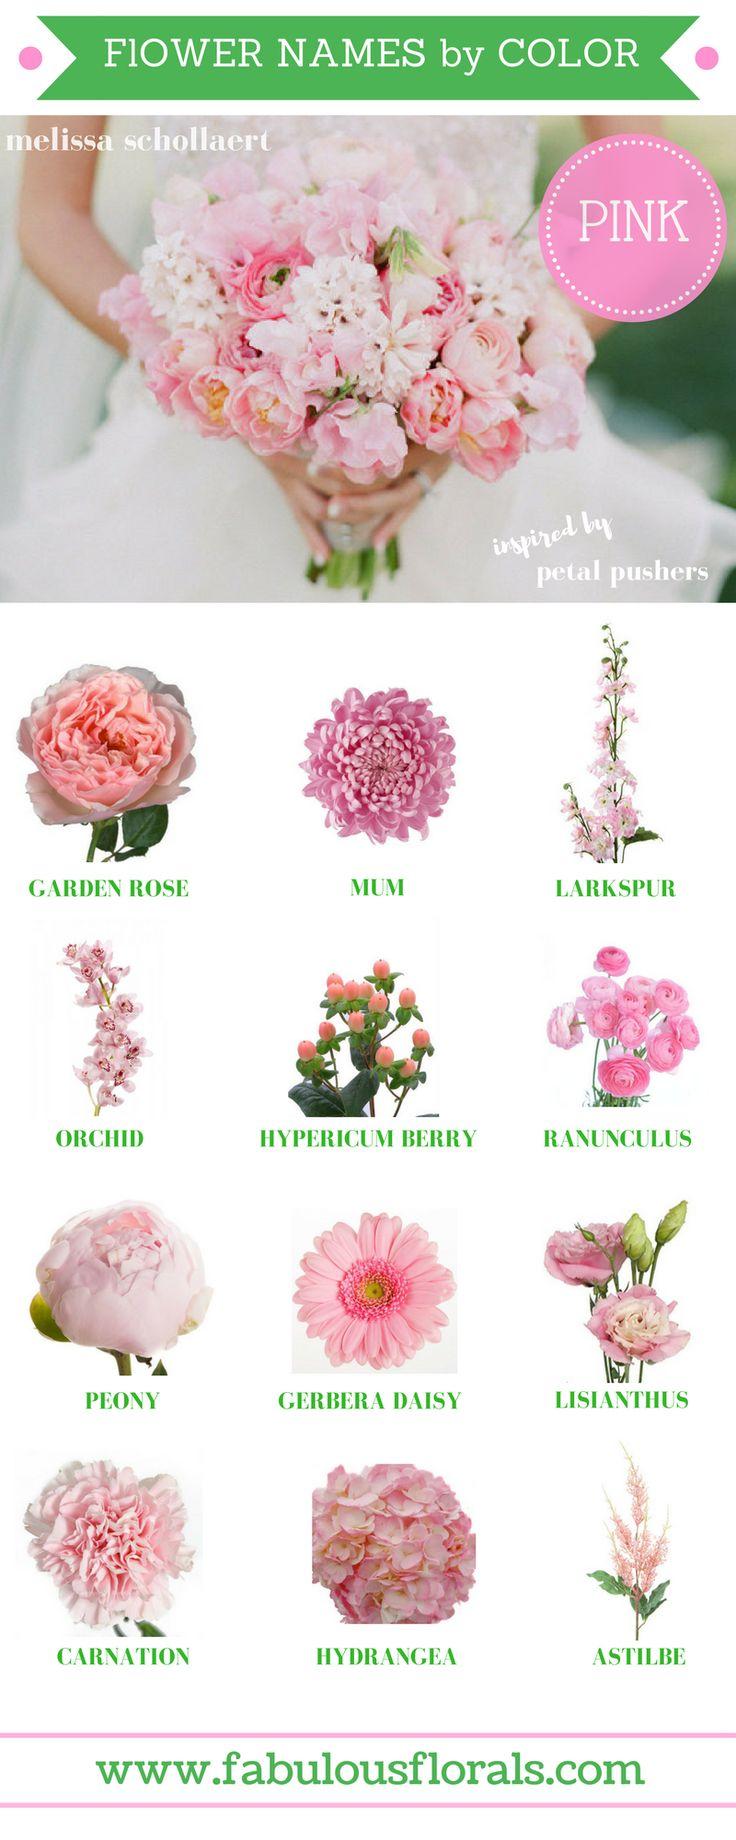 iin florist jakarta